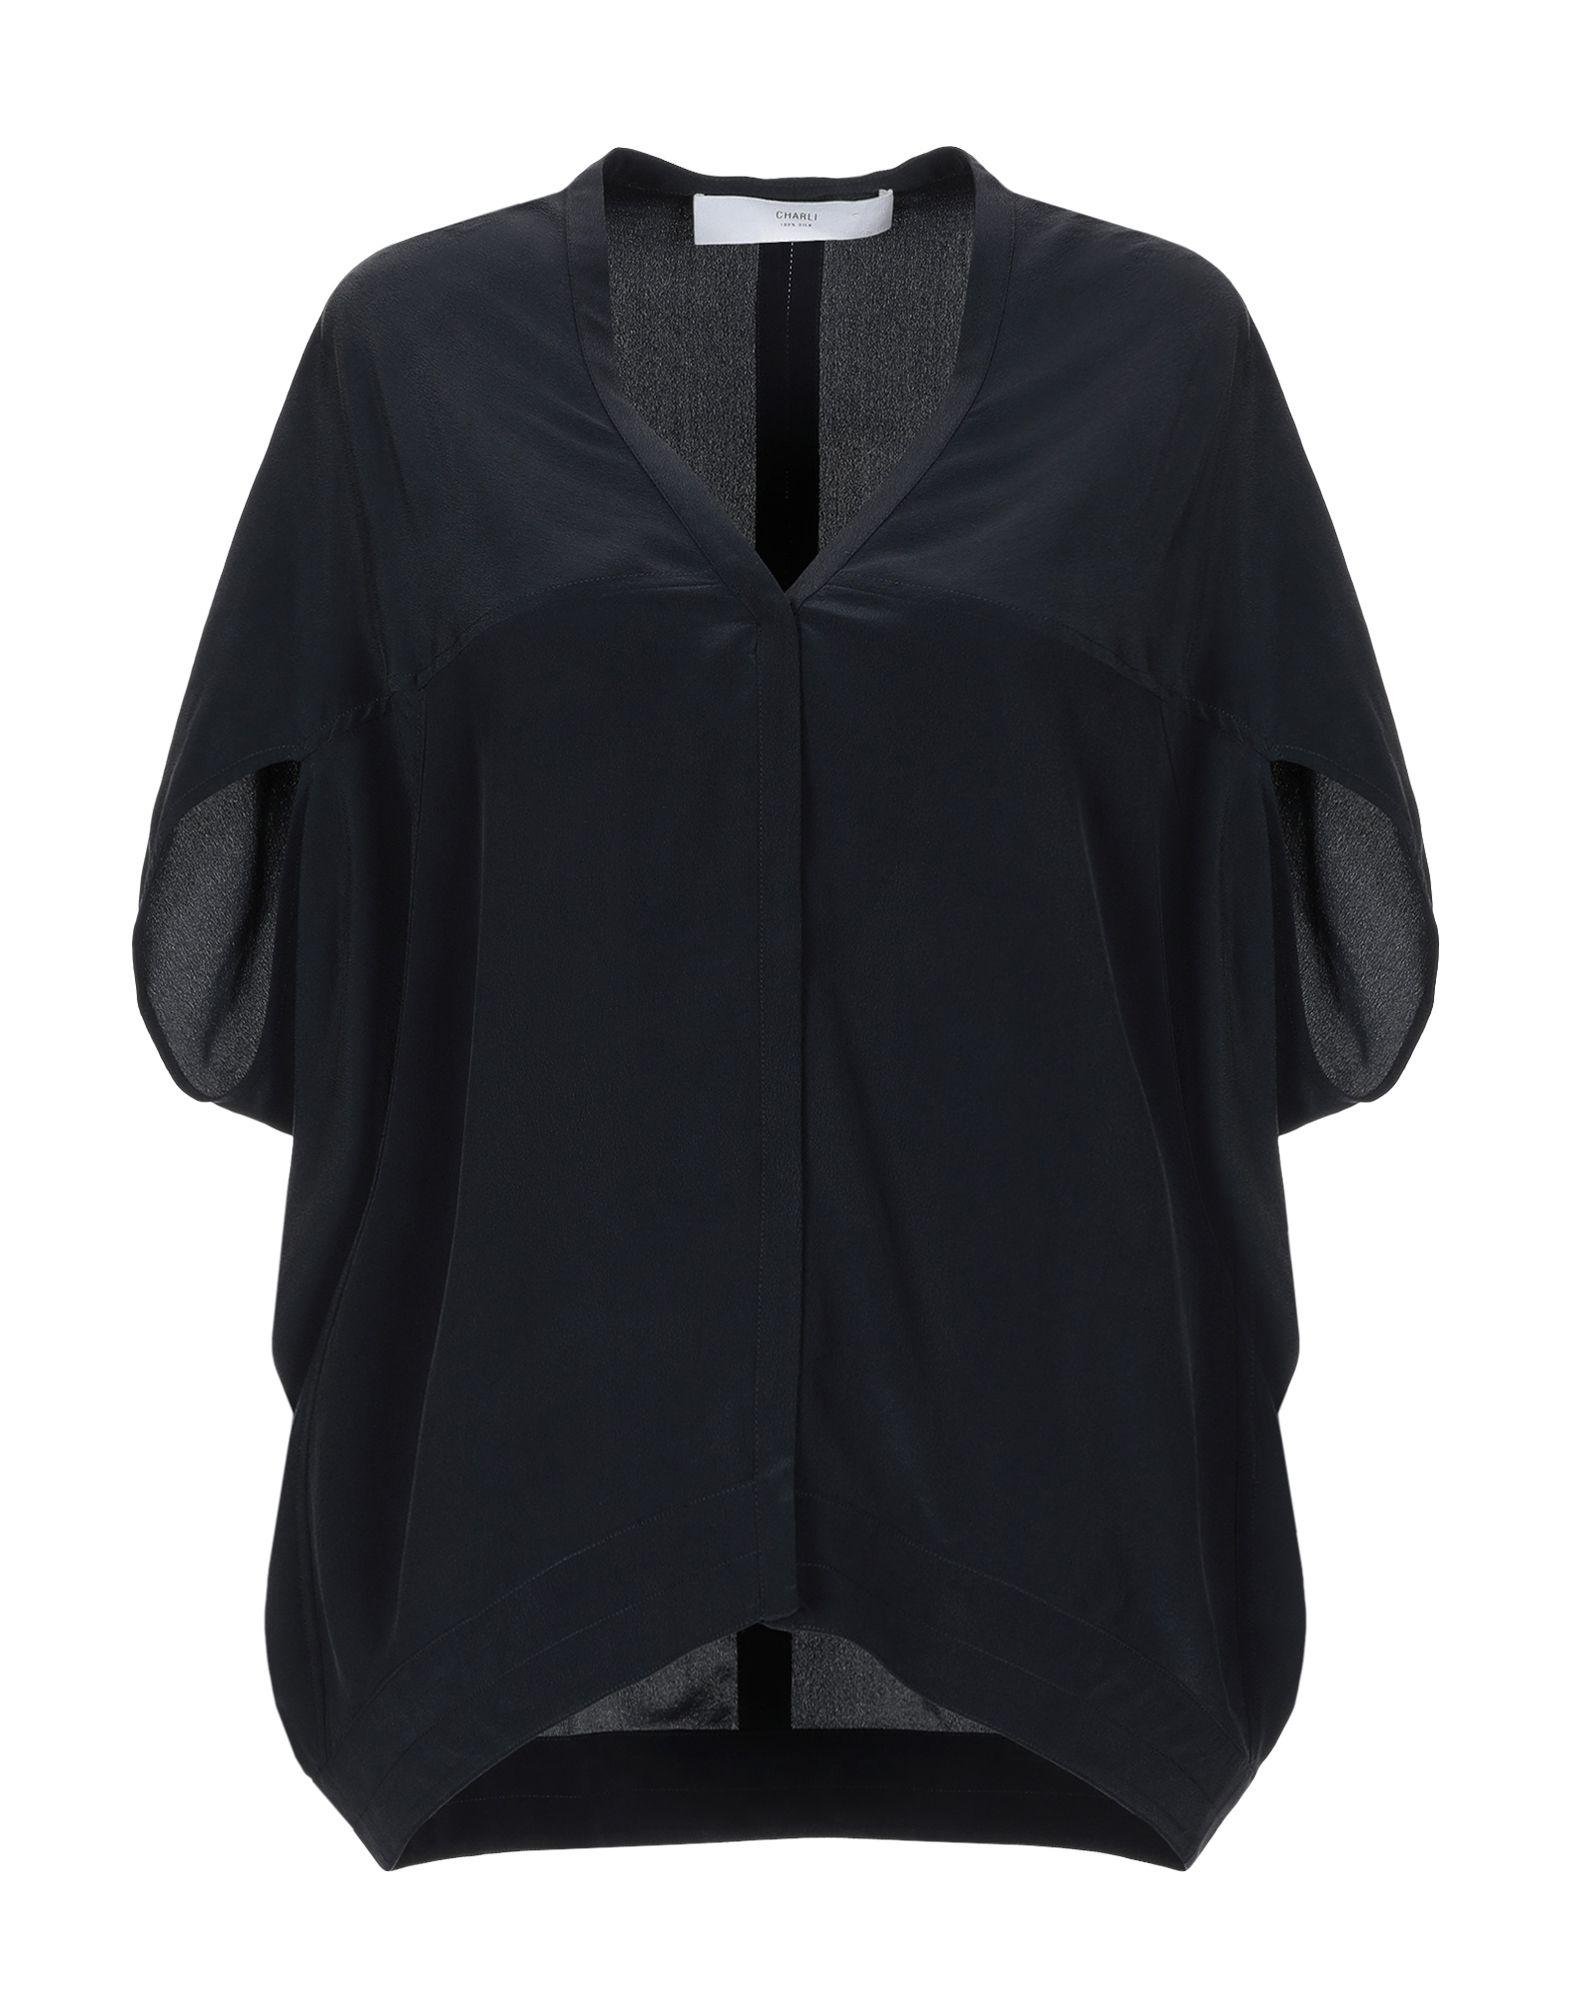 купить CHARLI Pубашка по цене 2850 рублей